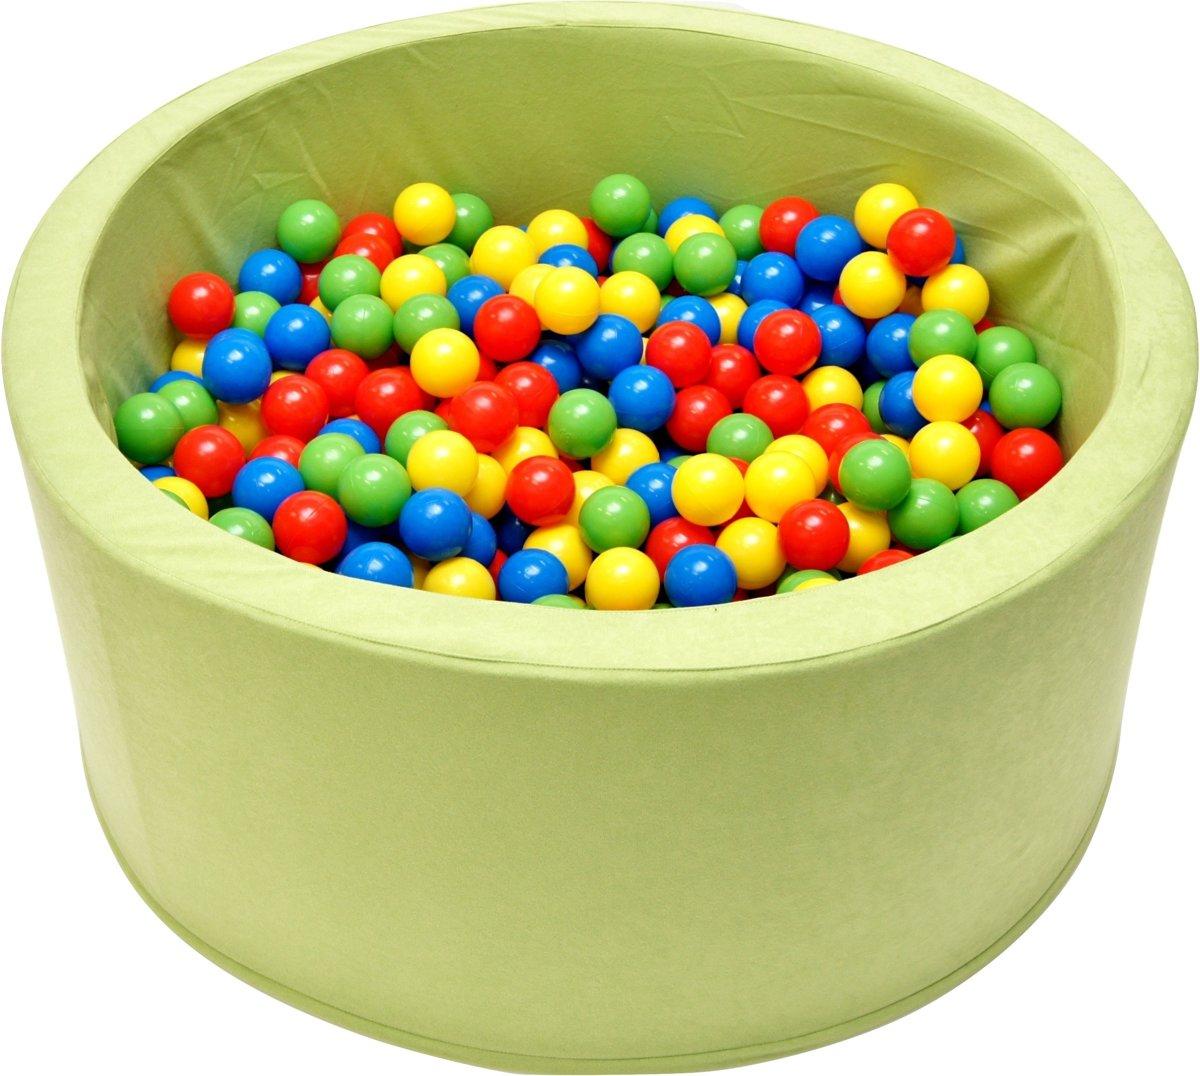 Ballenbak - stevige ballenbad -90 x 40 cm lichtgroen - 200 ballen Ø 7 cm - geel, groen, rood en blauw